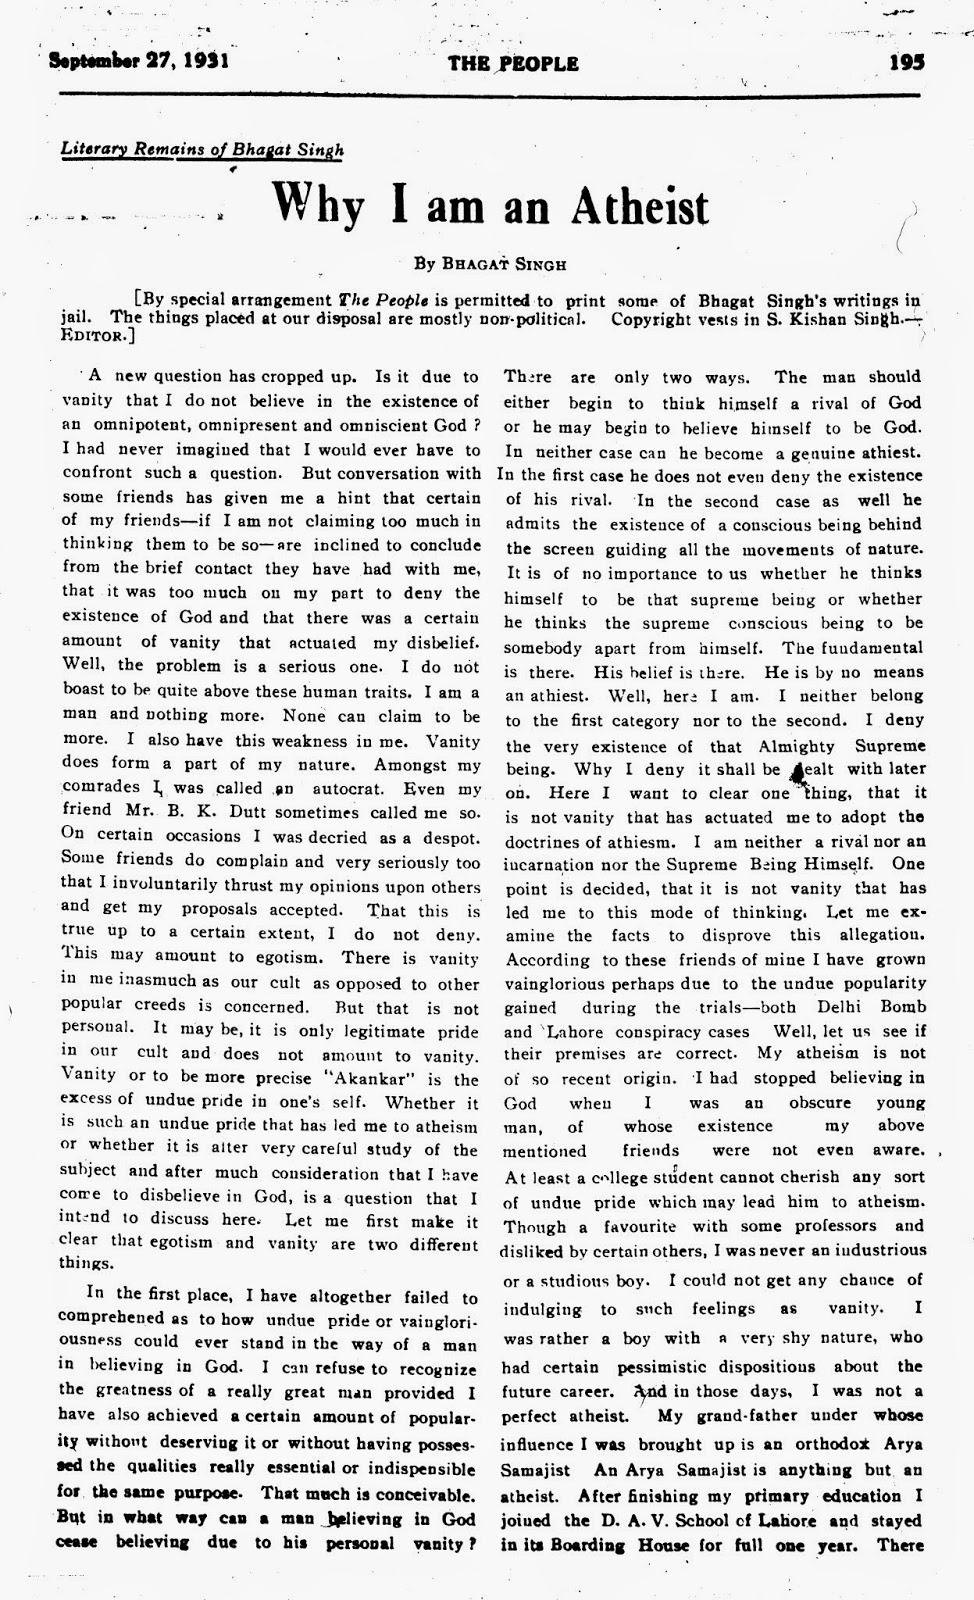 010 Essay On Bhagat Singh In Marathi Example Why2bi2bam2ban2batheist Unique Short 100 Words Full